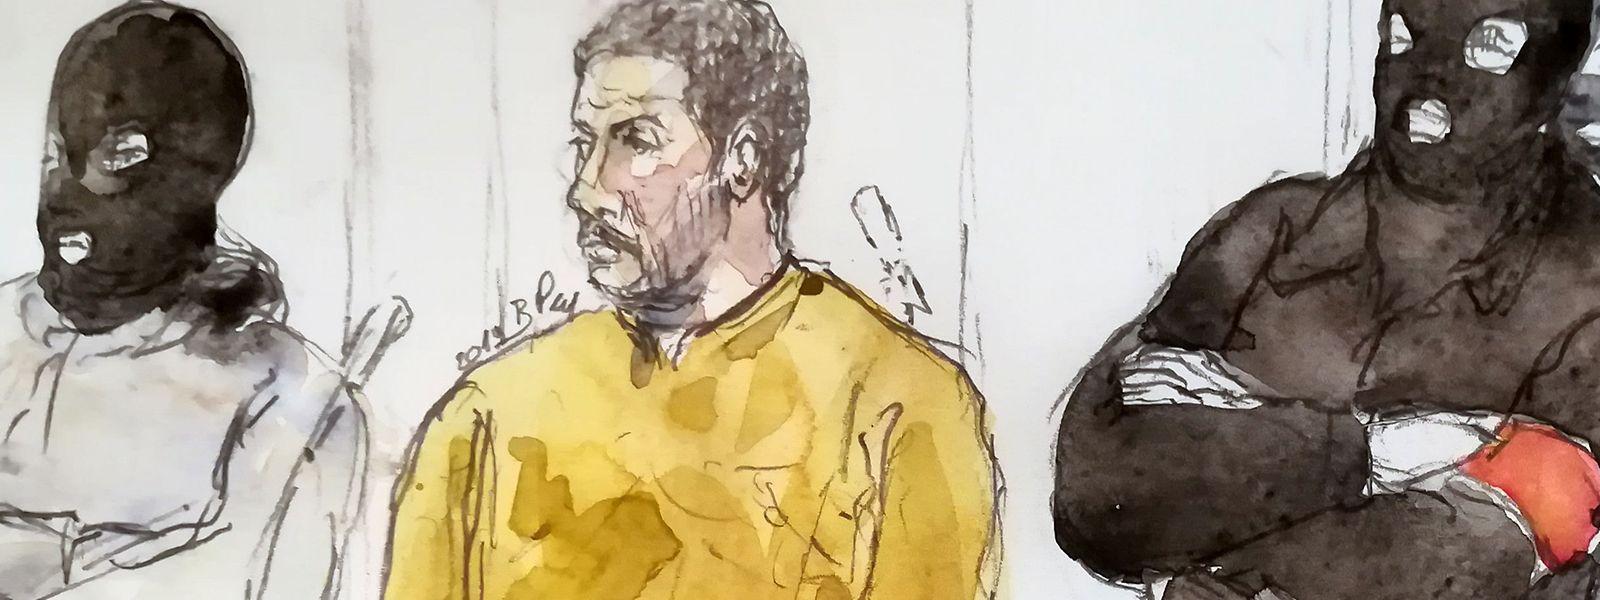 Eine Zeichnung vom 10. Januar zeigt Mehdi Nemmouche (Mitte) vor Gericht. Er wurde als Hauptverdächtiger schuldig gesprochen.